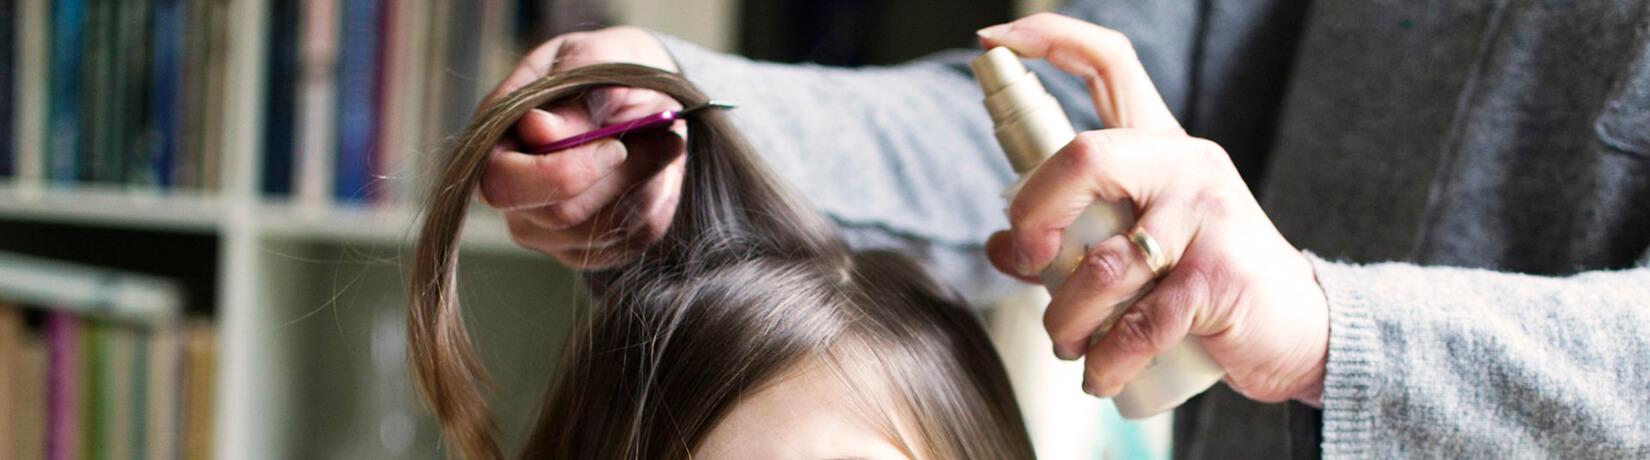 Спрей для волосся: навіщо потрібен і як користуватися